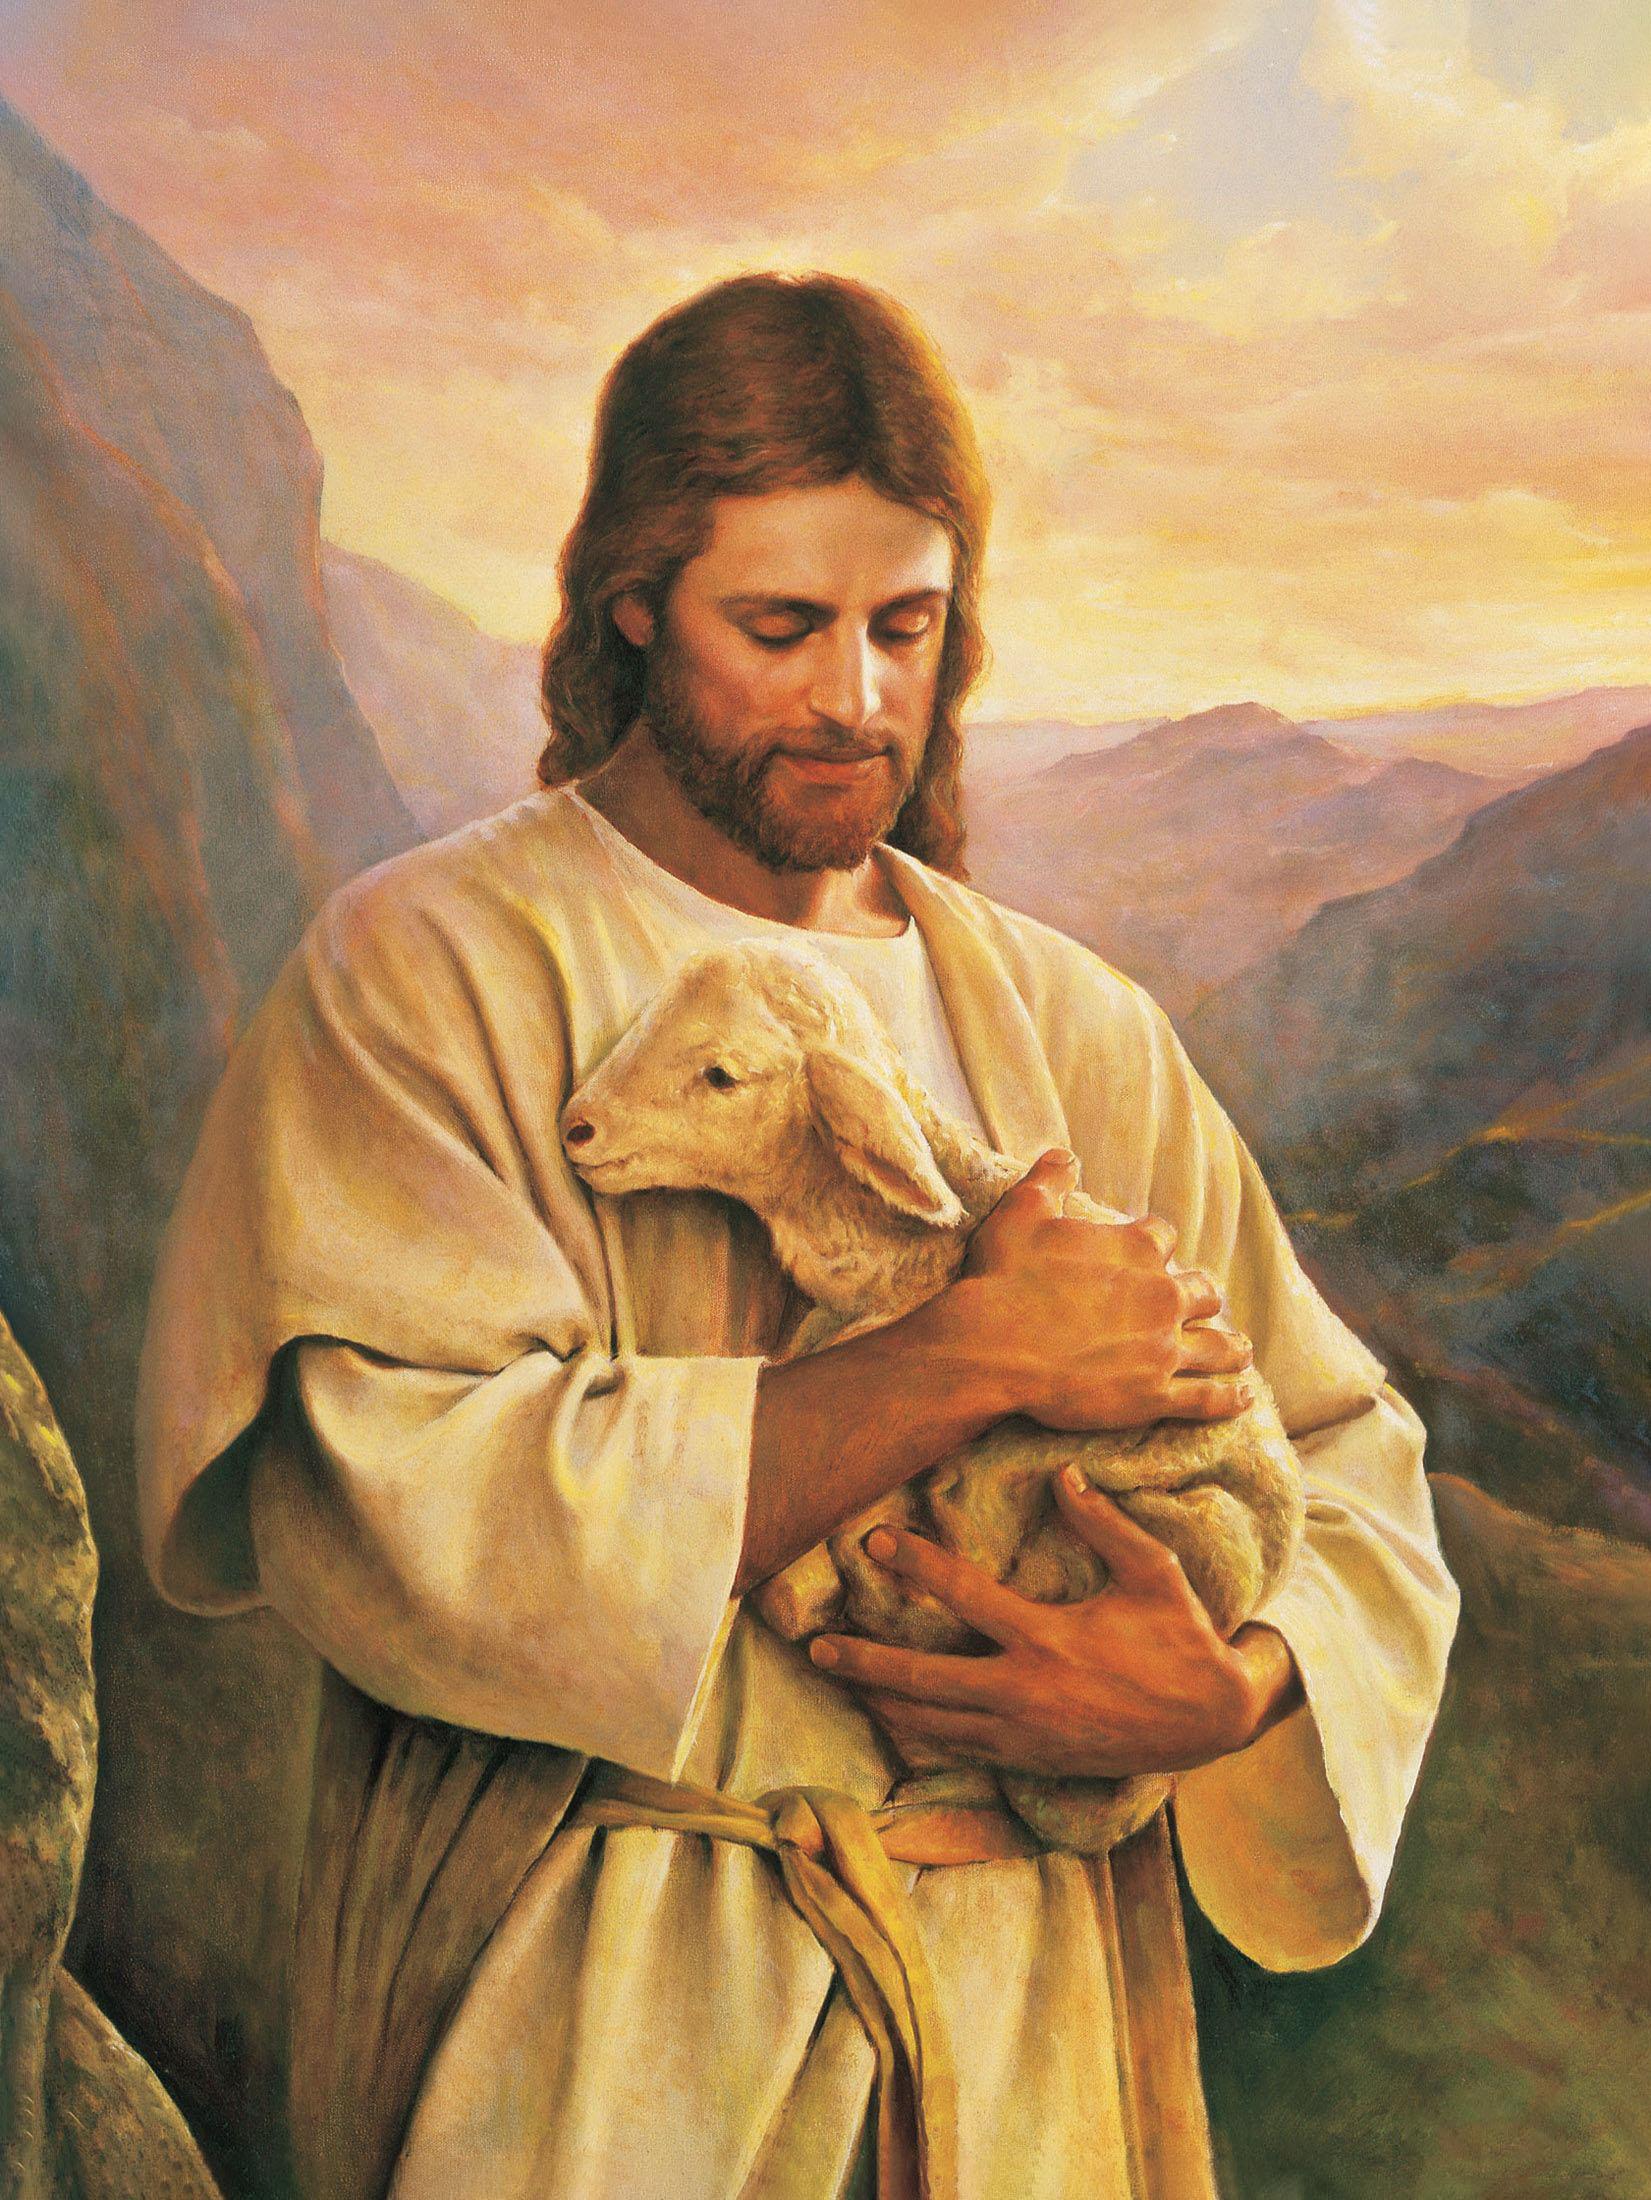 Hình ảnh chúa jesus với chú cừu